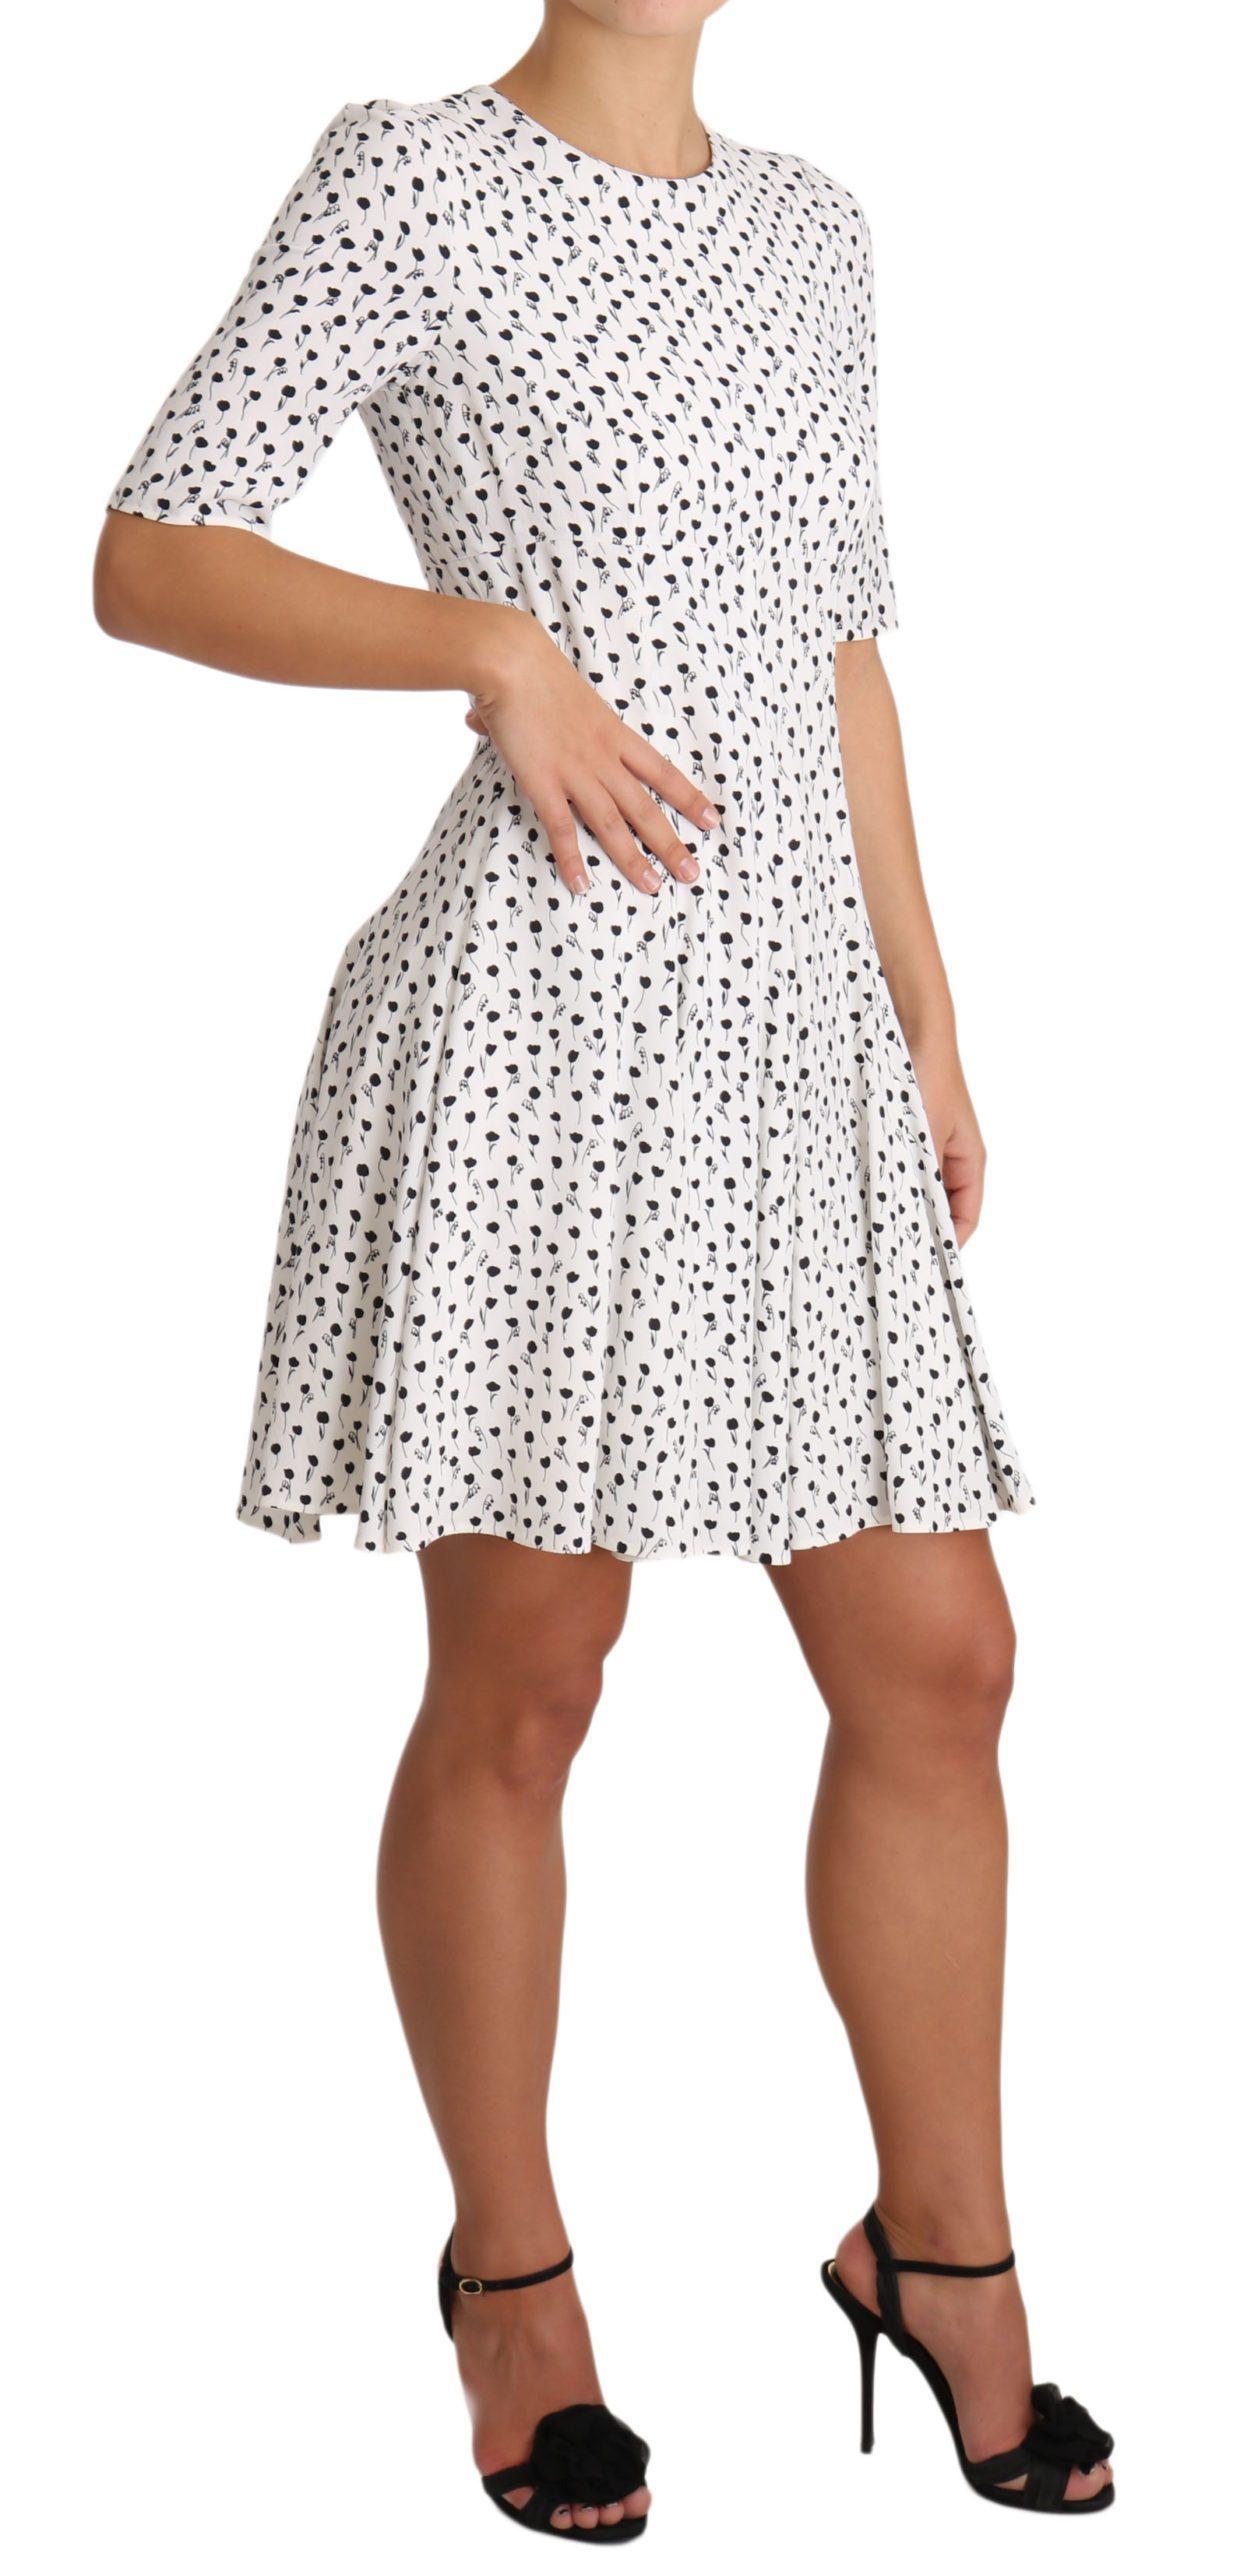 Dolce & Gabbana Women's Rose Print Rayon Mini Dress White DR1946 - IT42|M